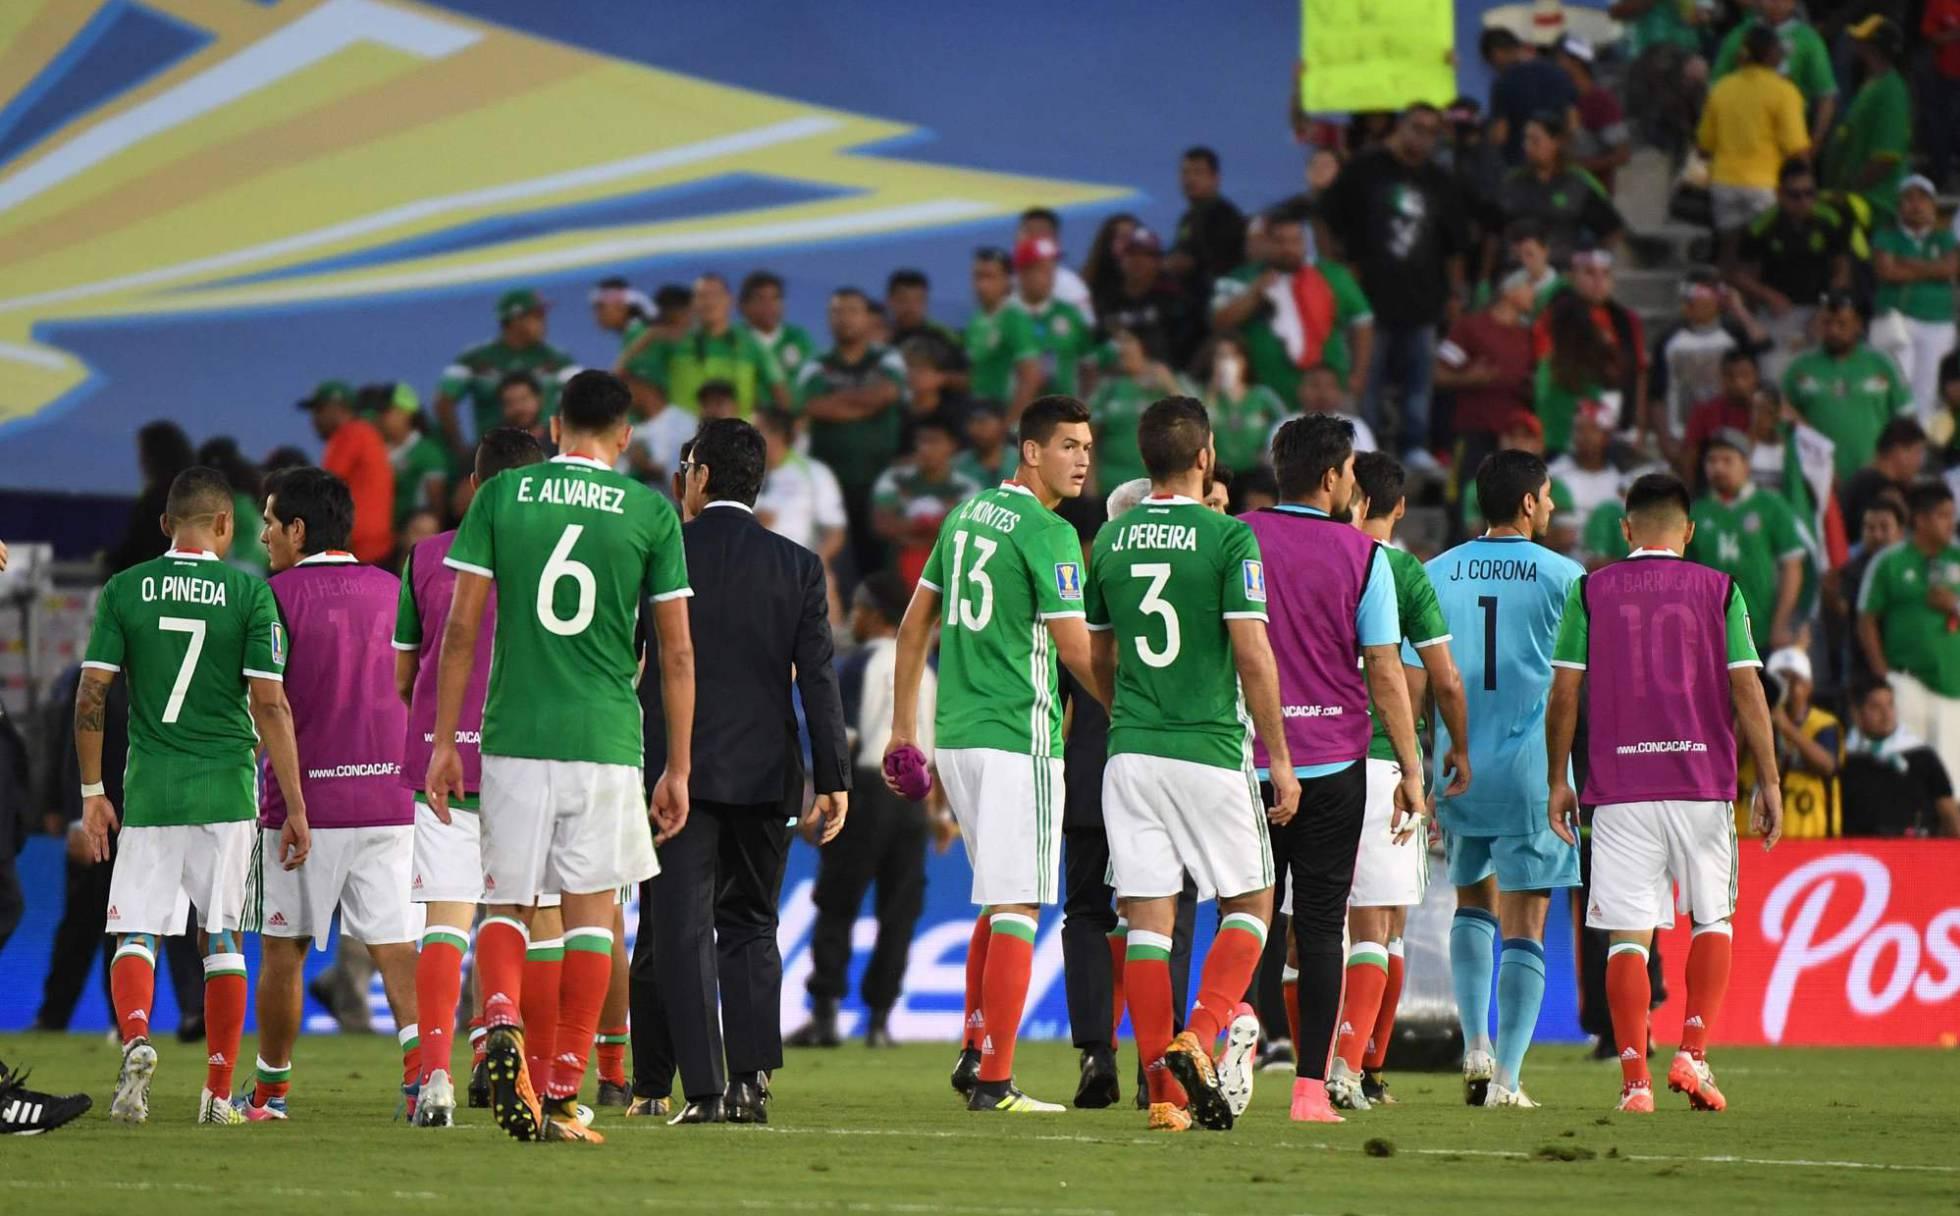 El fútbol podrido de México